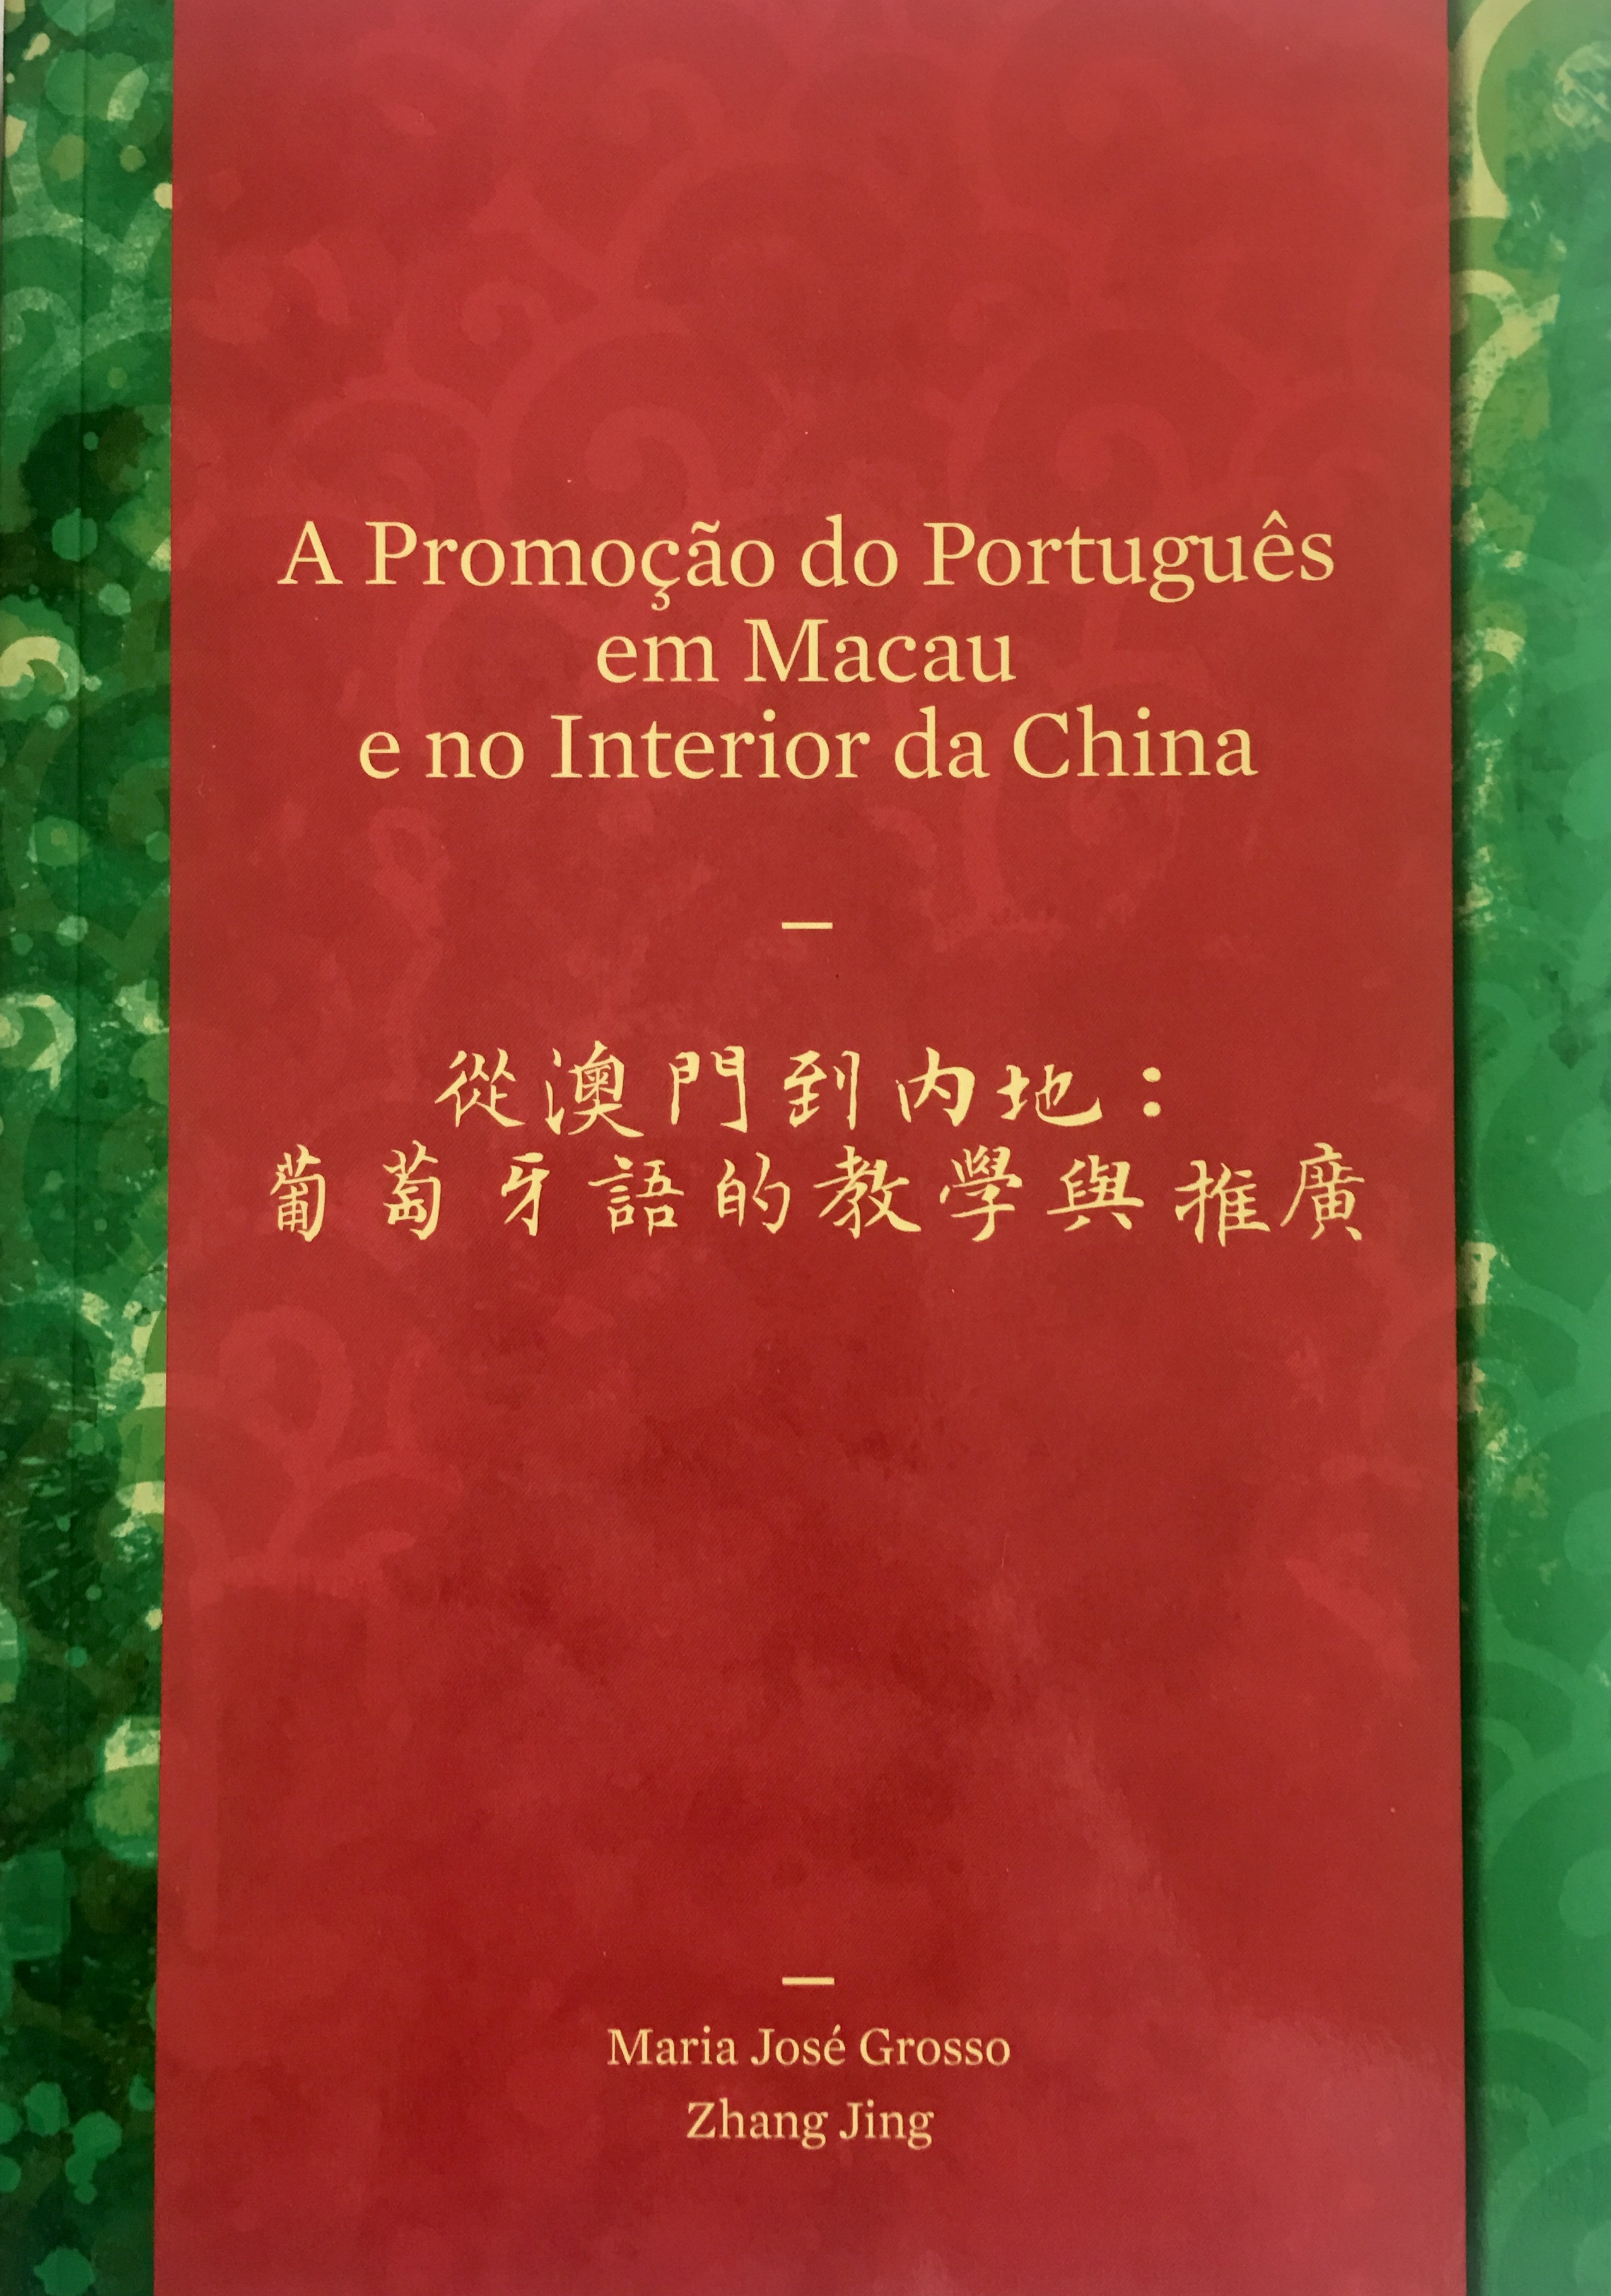 O livro A Promoção do Português em Macau e no Interior da China